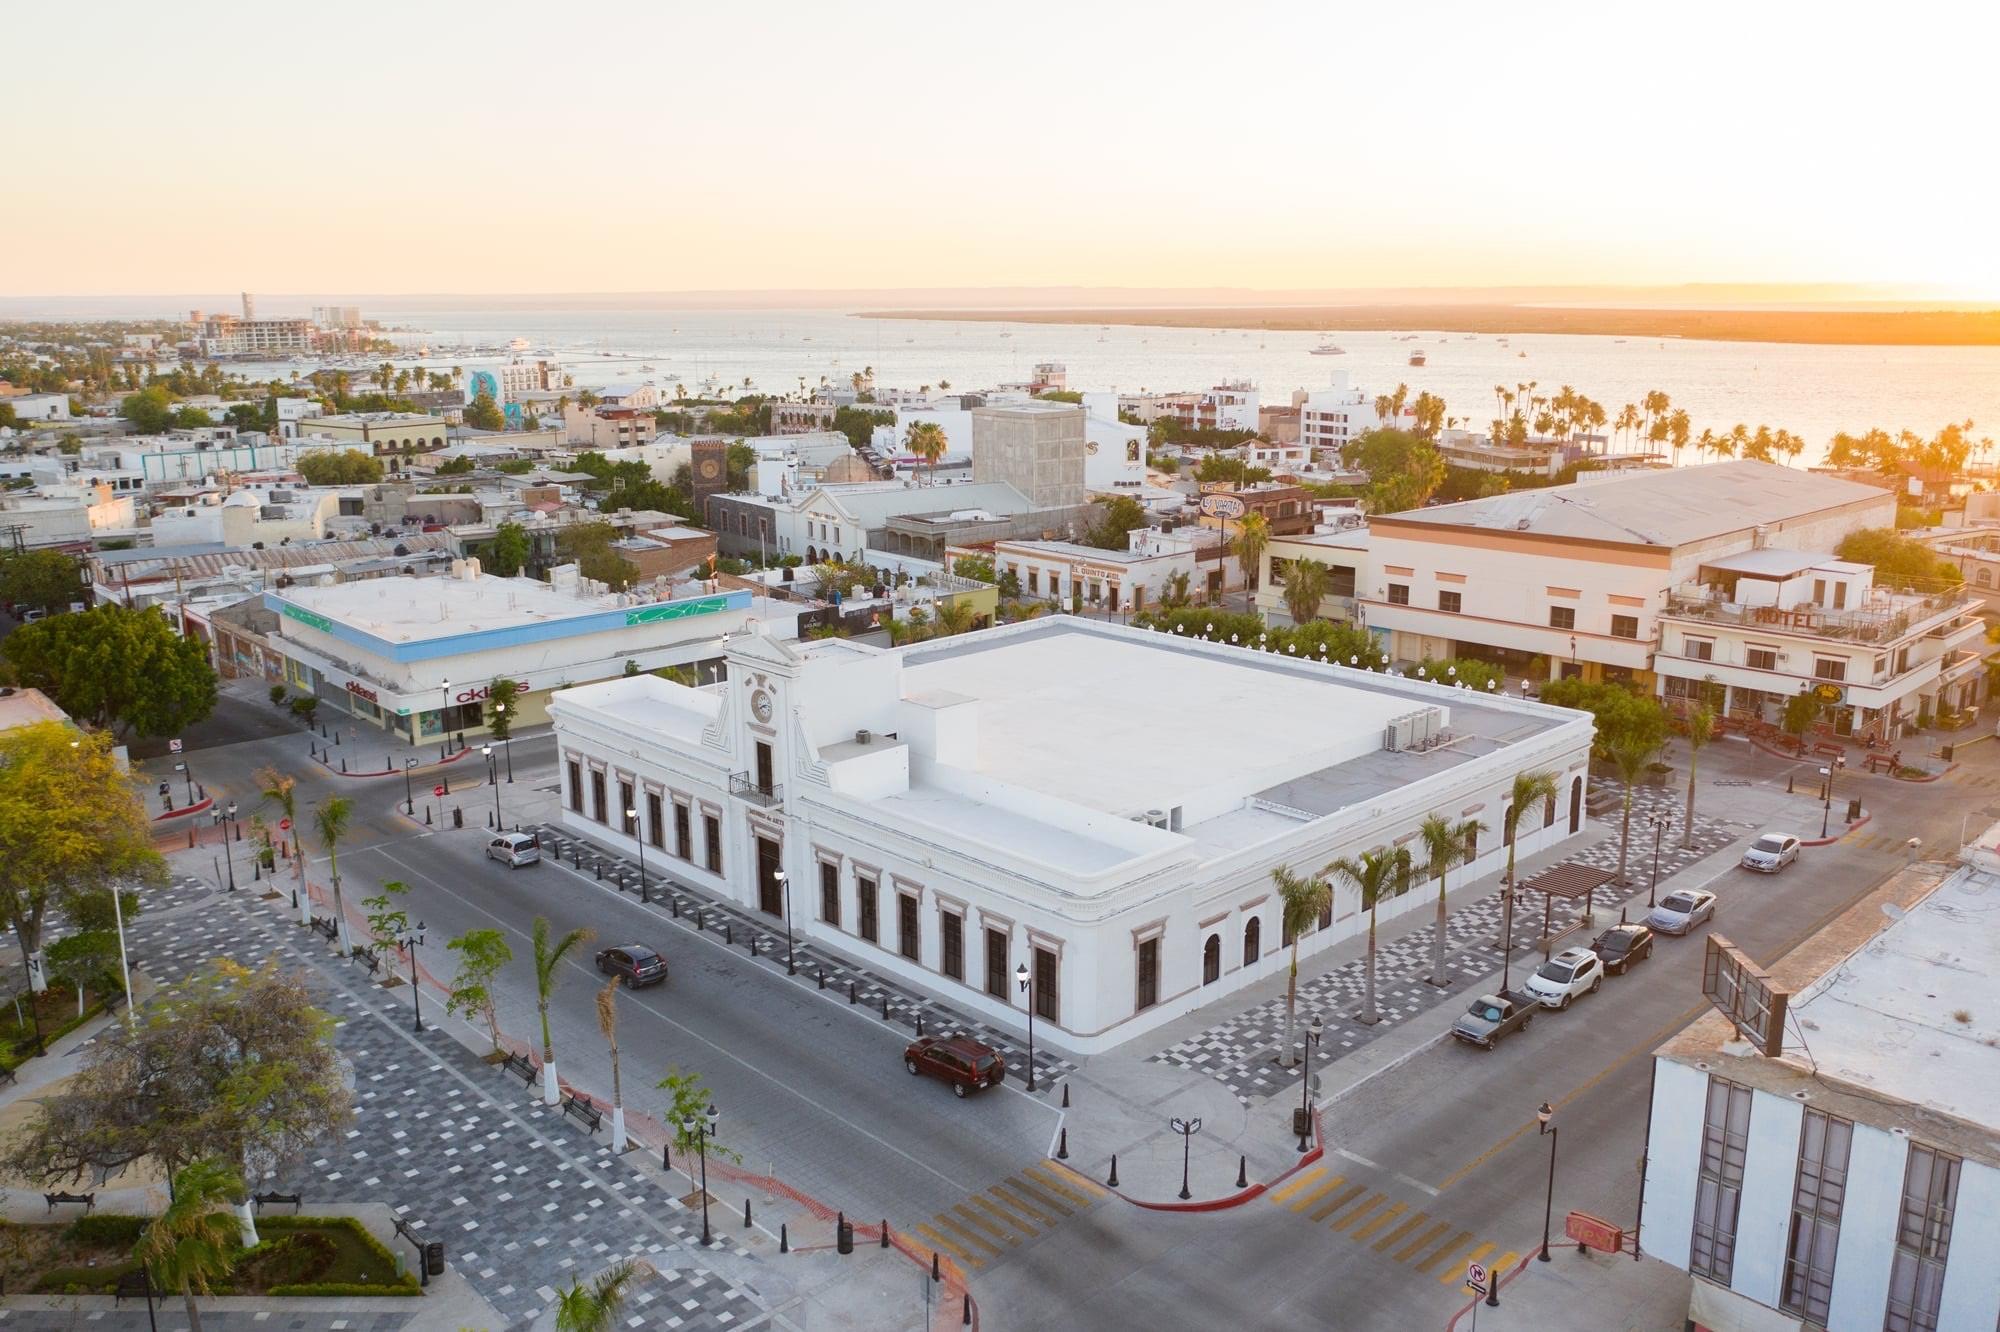 Abre sus puertas el Museo de Arte de La Paz, el primero en su tipo de Baja California Sur